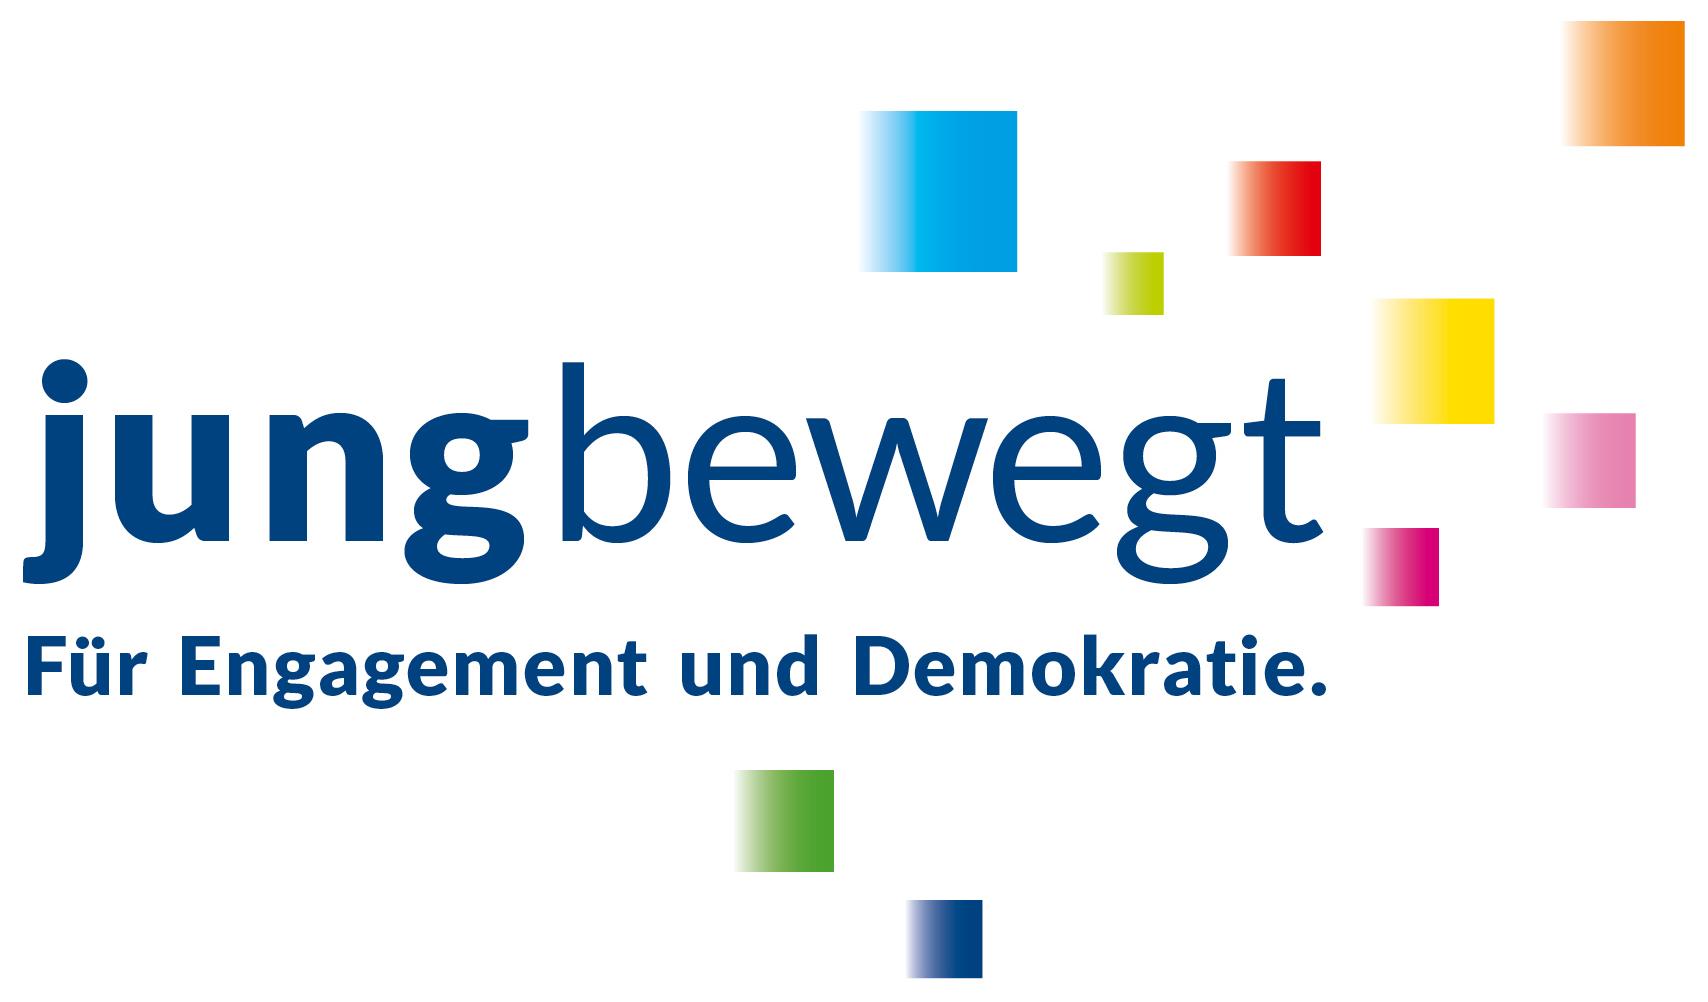 Bertelsmann Stiftung - jungbewegt